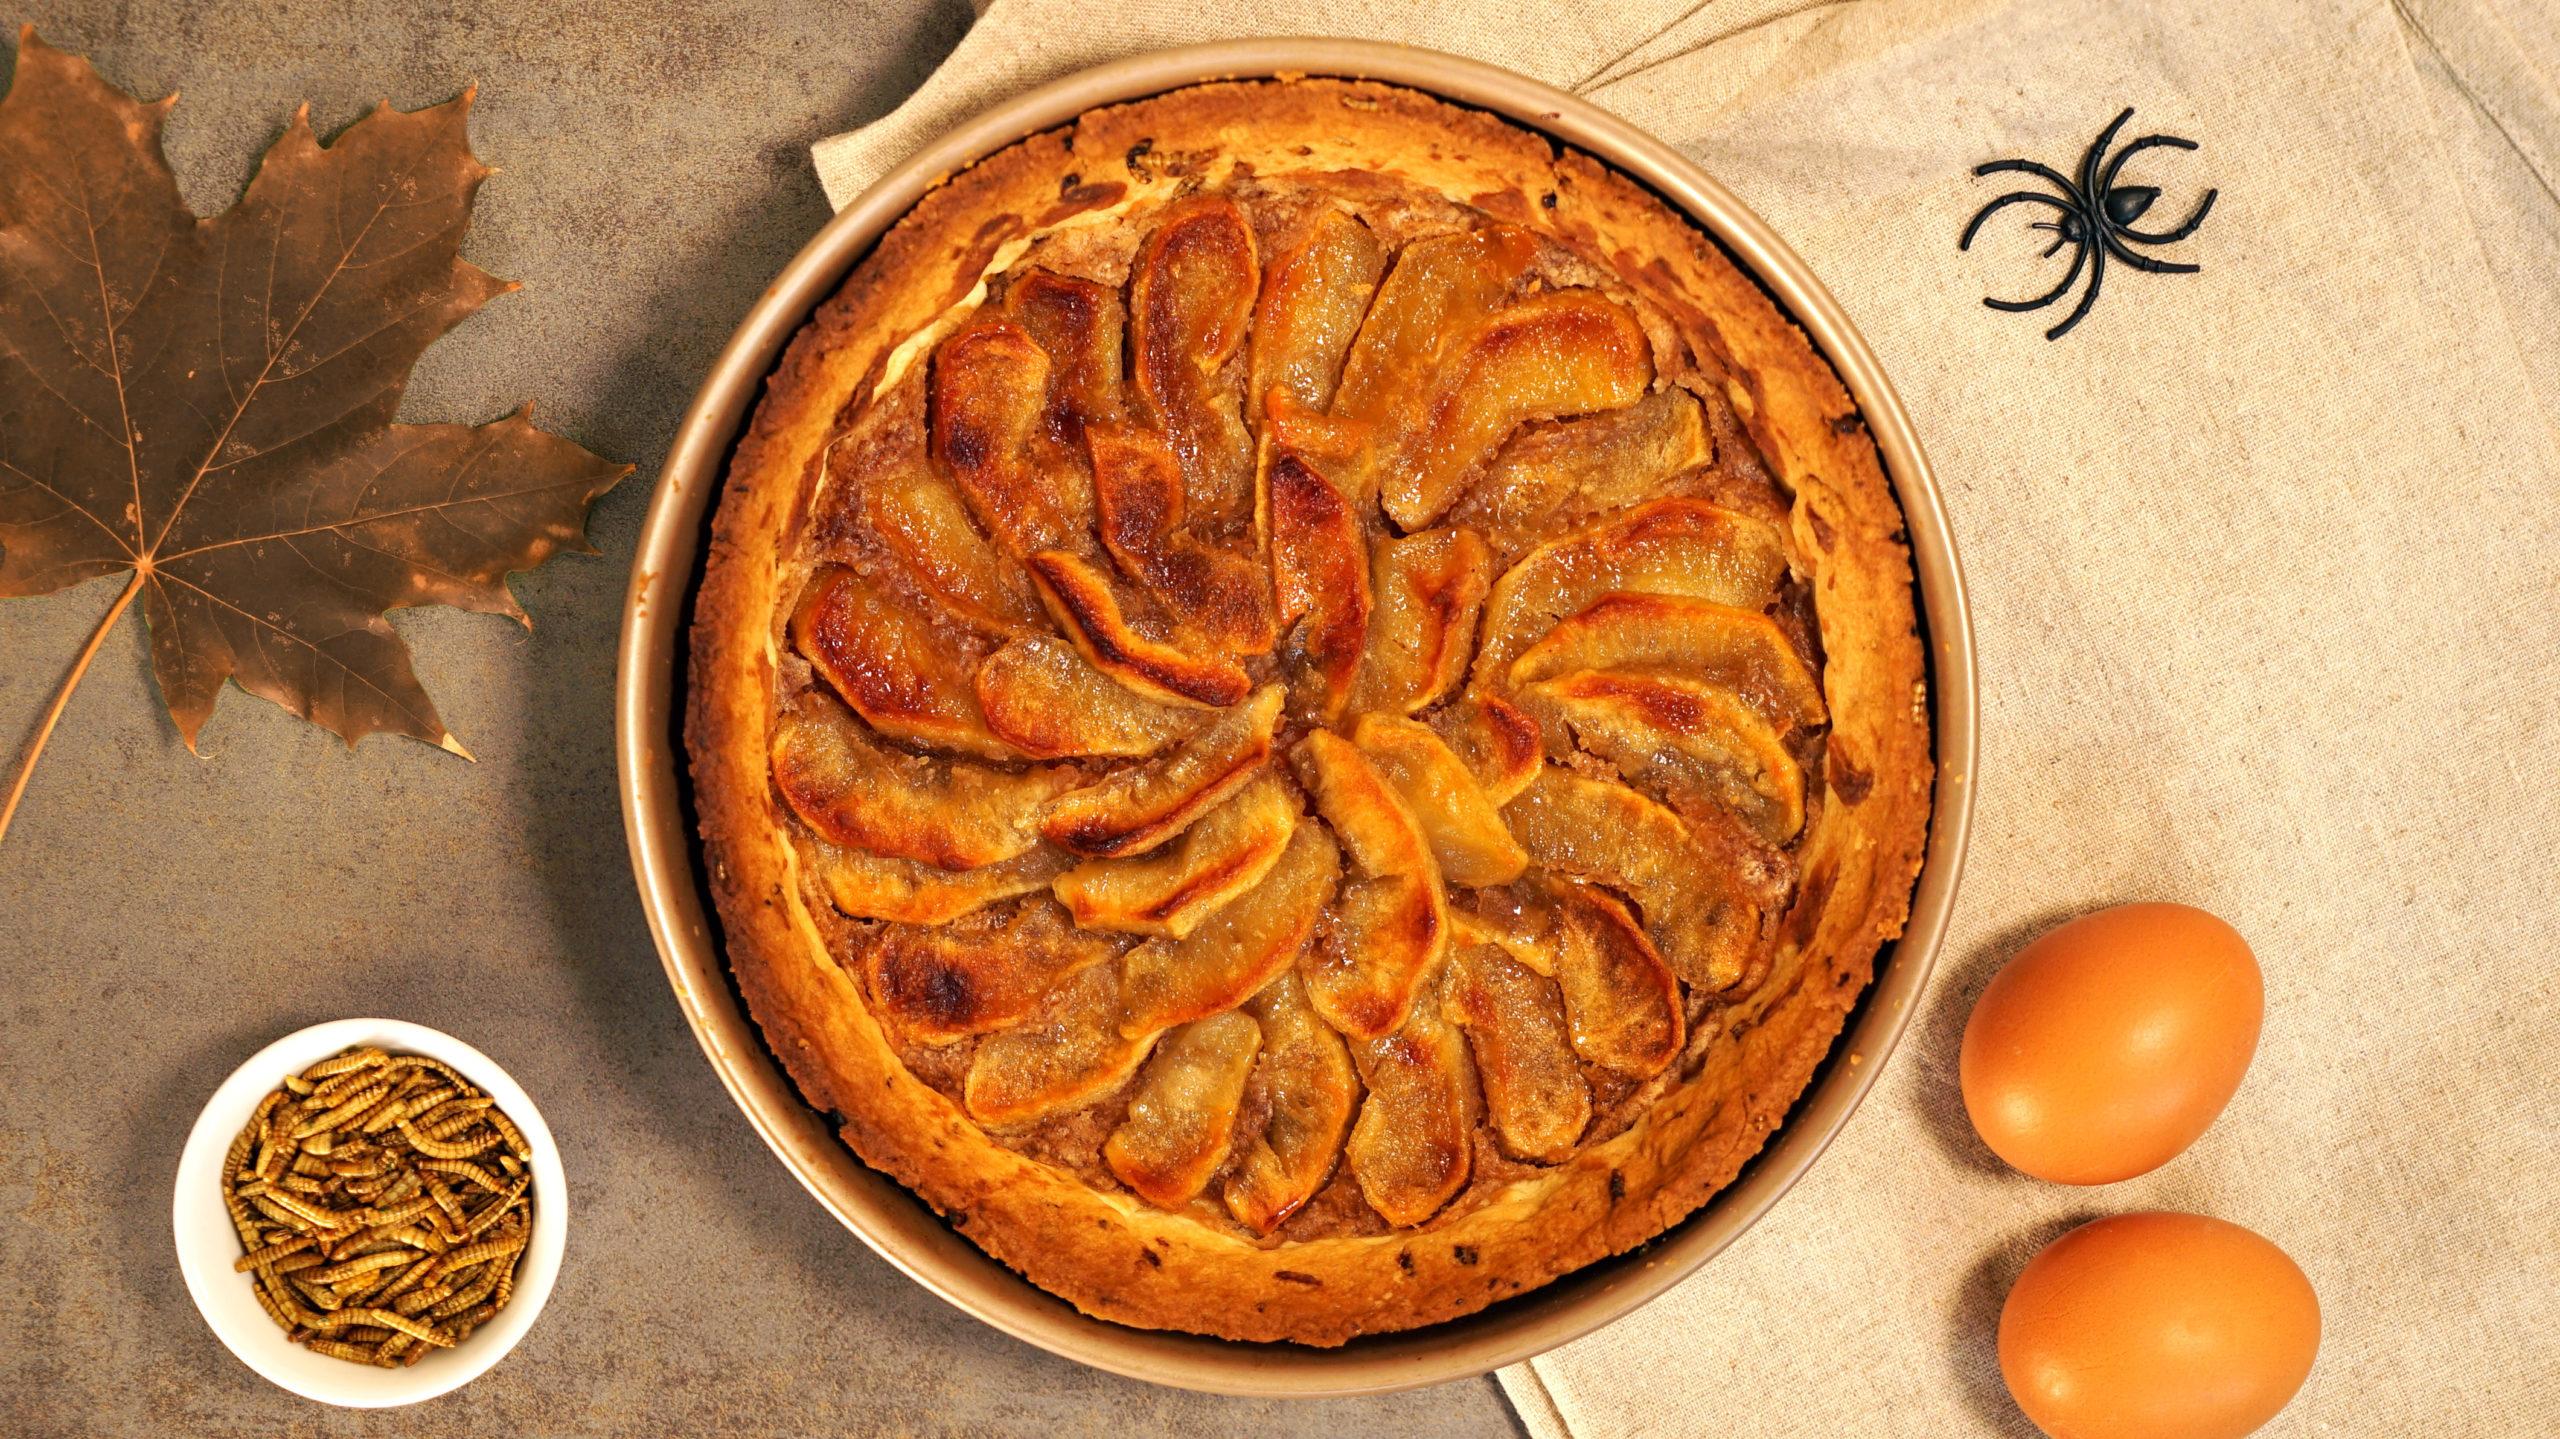 image de La tarte aux pommes, crème de marron et molitors caramel beurre salé